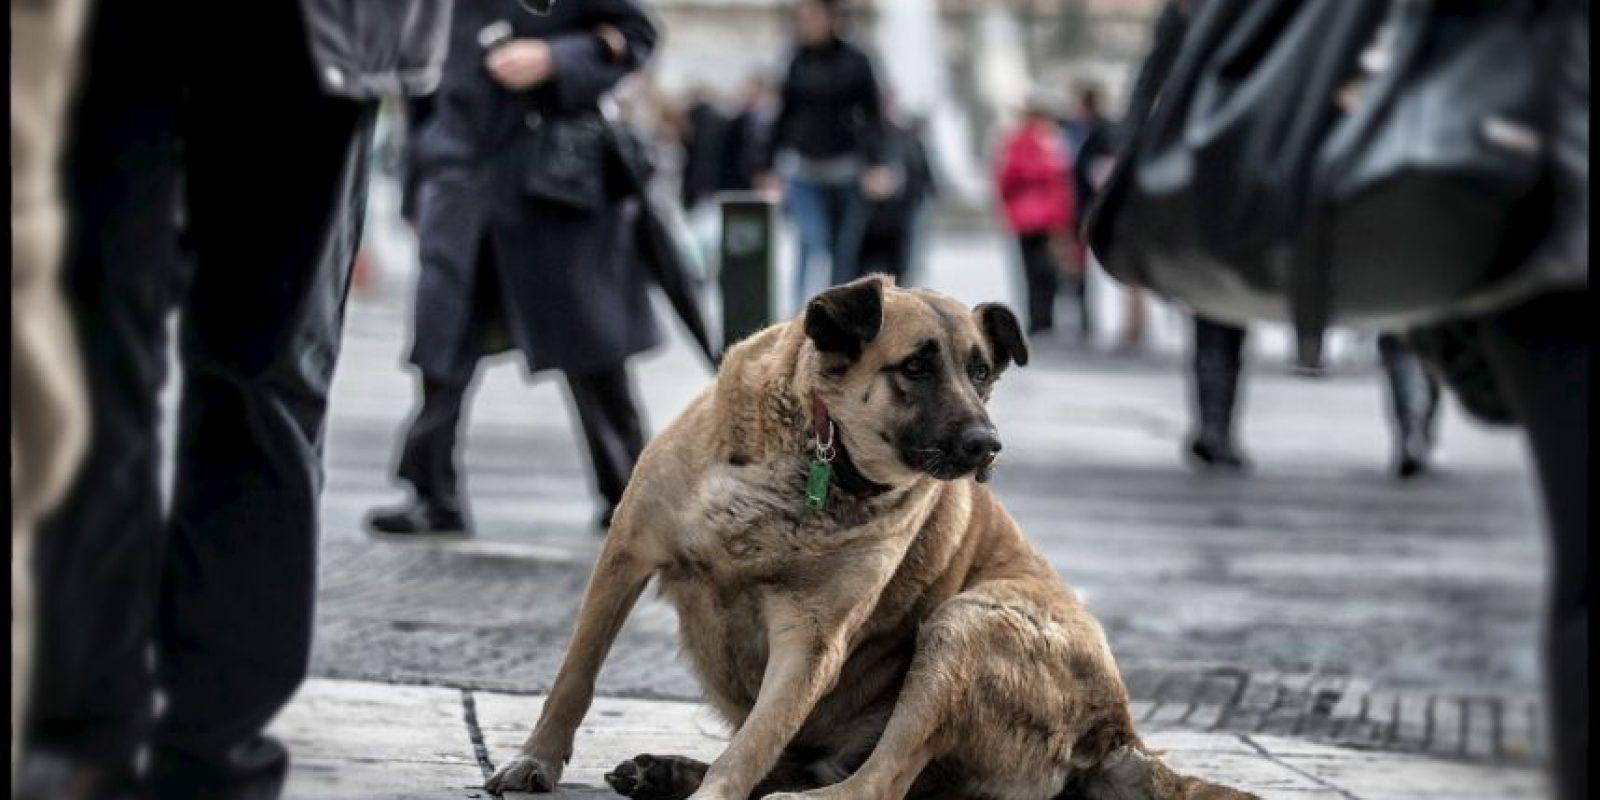 """""""Adoptar un perro o gato simplemente porque es lo que la gente """"hace"""" o porque los niños han estado lloriqueando por un cachorro generalmente termina en un gran error"""", dice la organización de protección de animales Foto:Getty Images"""